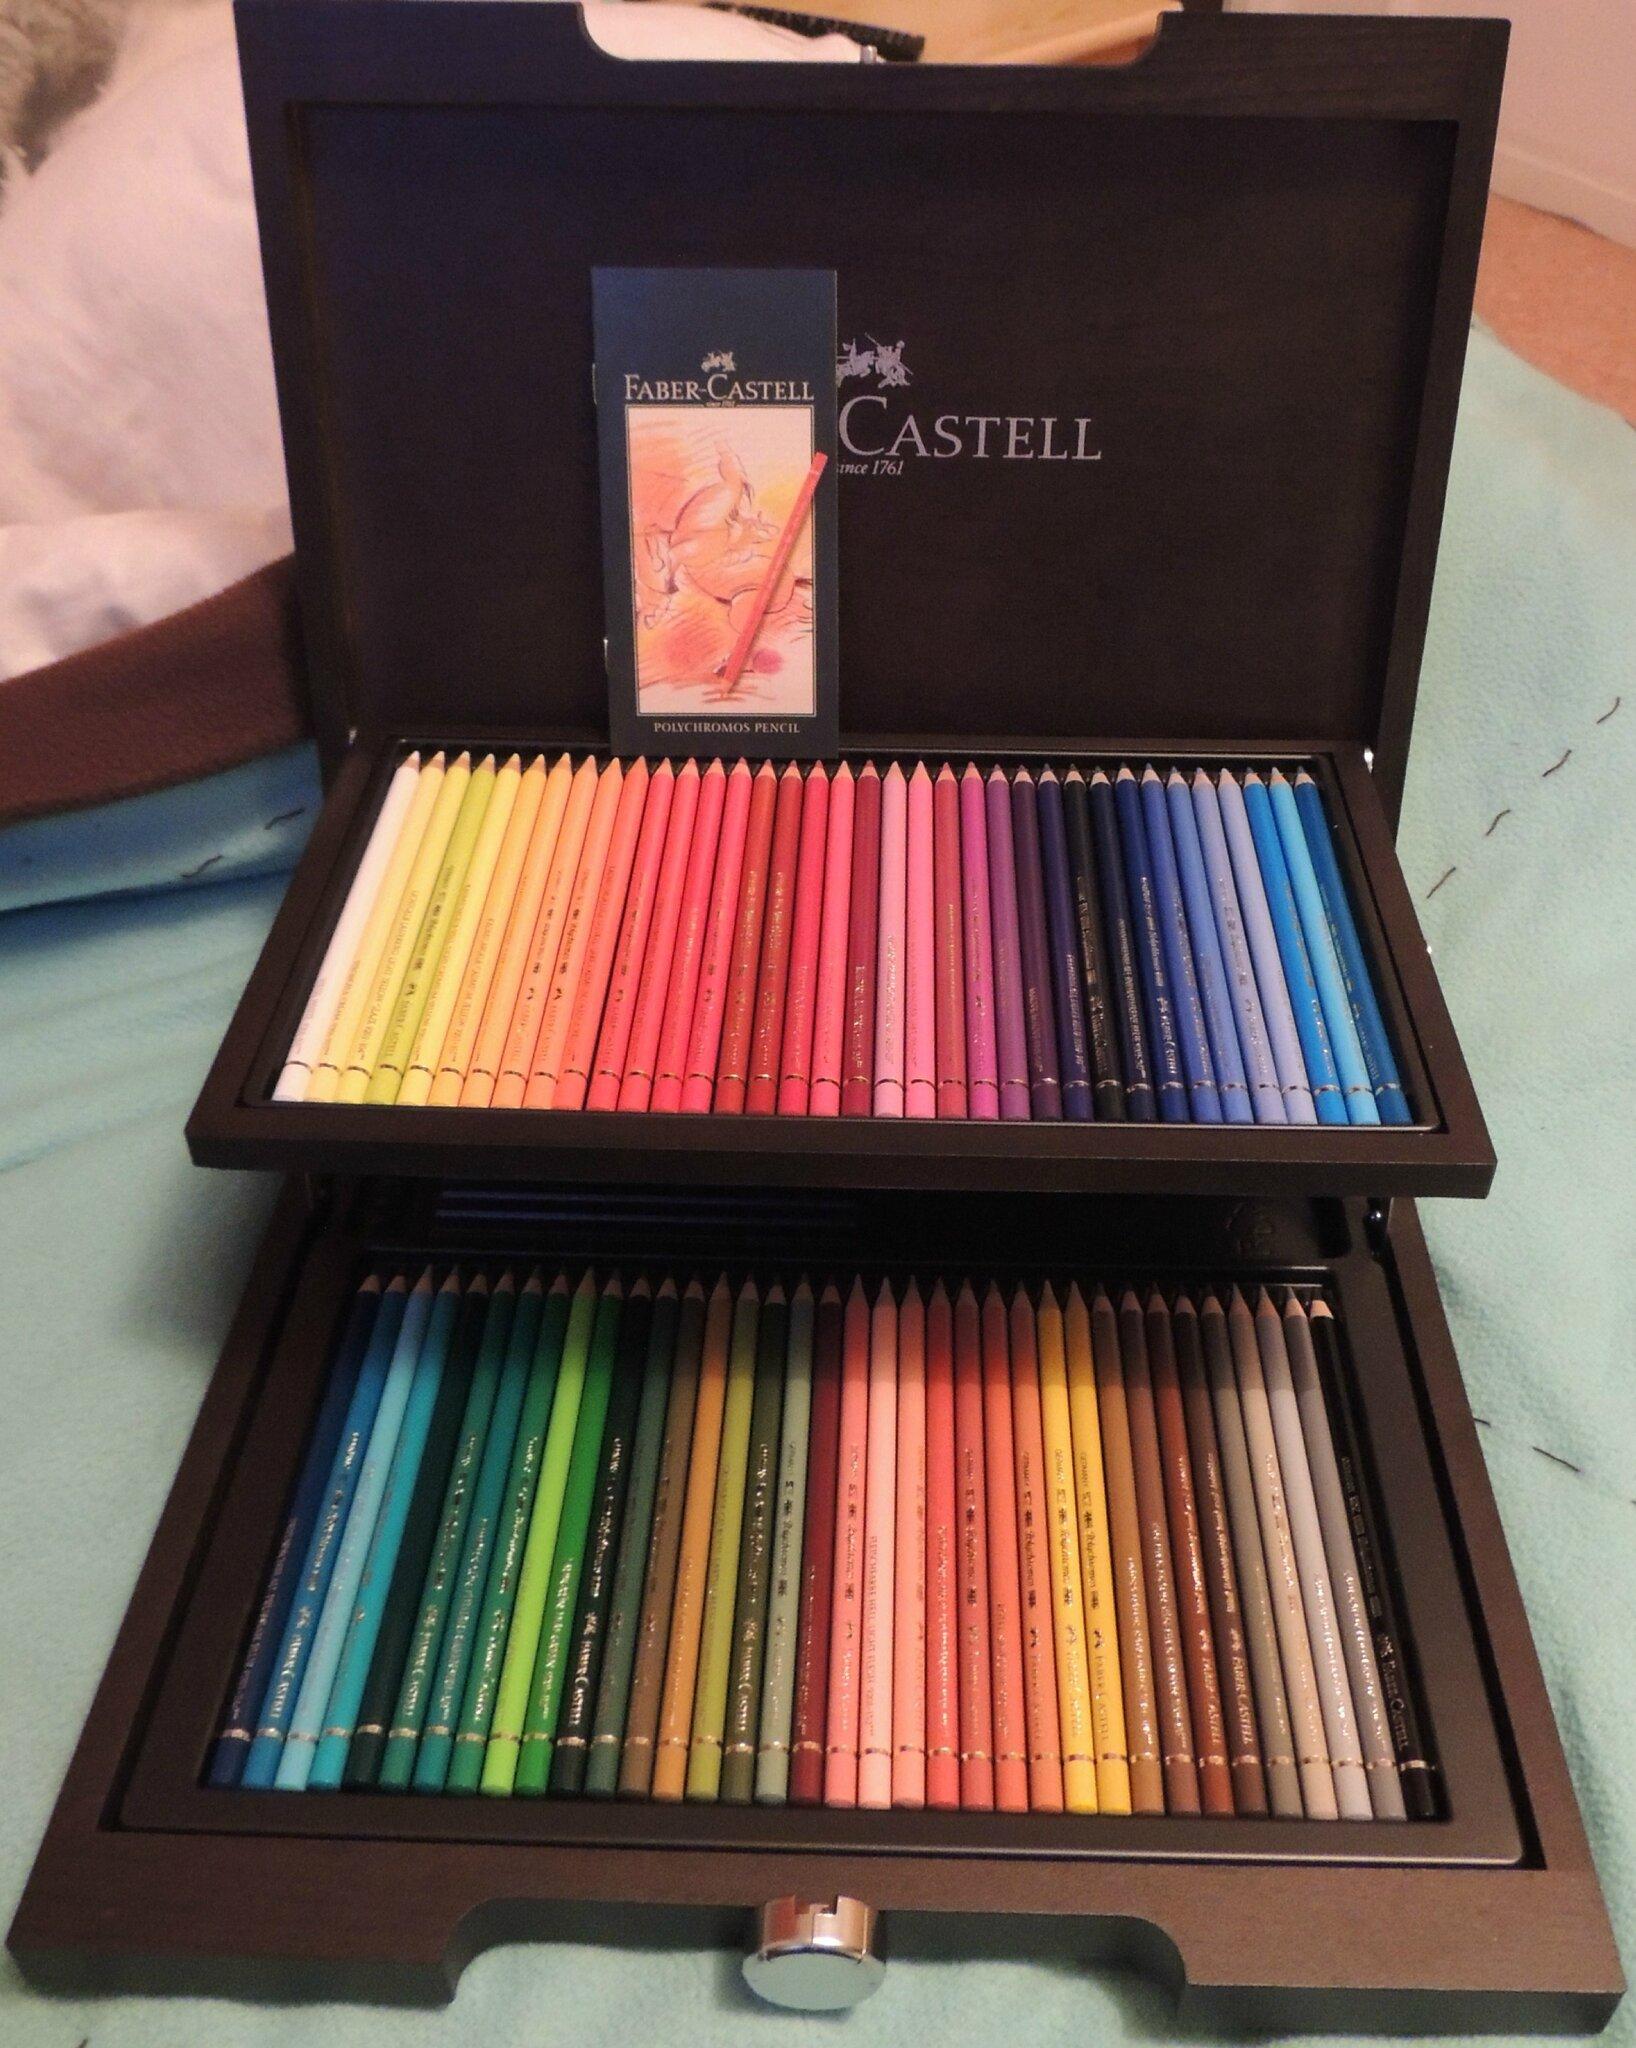 Crayon De Couleur Faber Castell : crayon, couleur, faber, castell, Crayon, Couleur, Faber, Castell